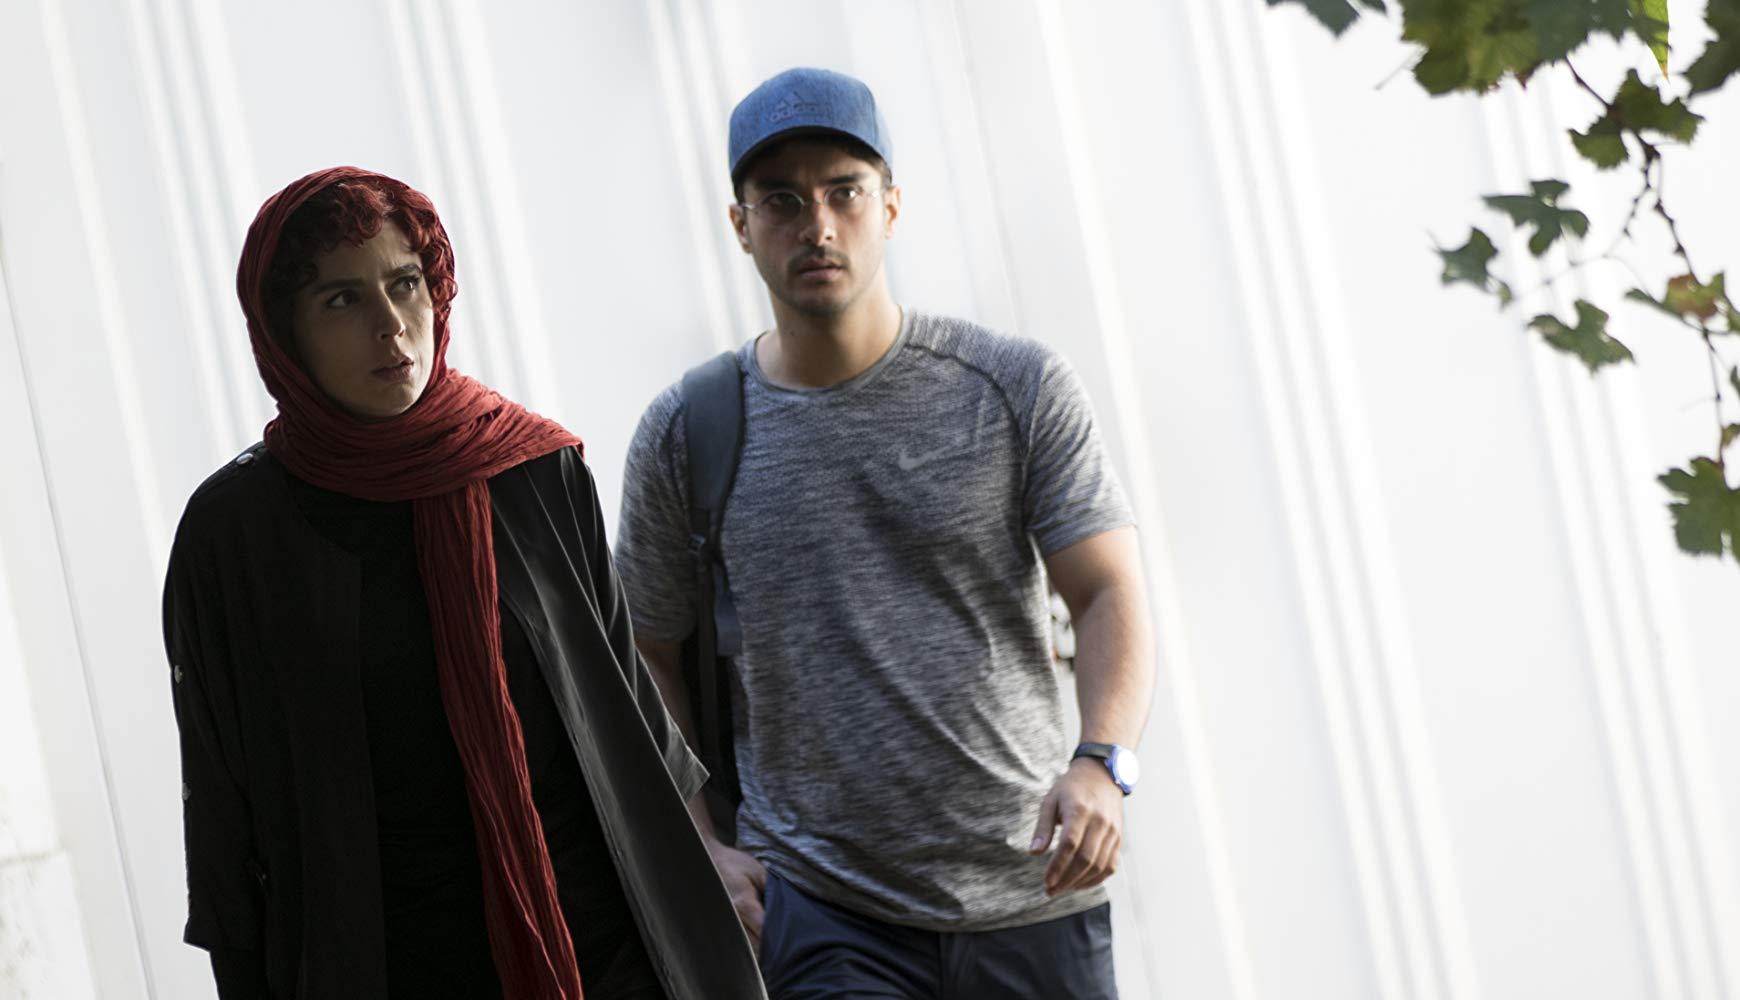 نام خانوادگی مشرقی در آثار مهم جیرانی از فیلم قرمز که در زمان تولیدش فیلمی منحصر به فرد بود تا فیلم سالاد فصل دیده میشود و گویی به امضای او بدل شده است.